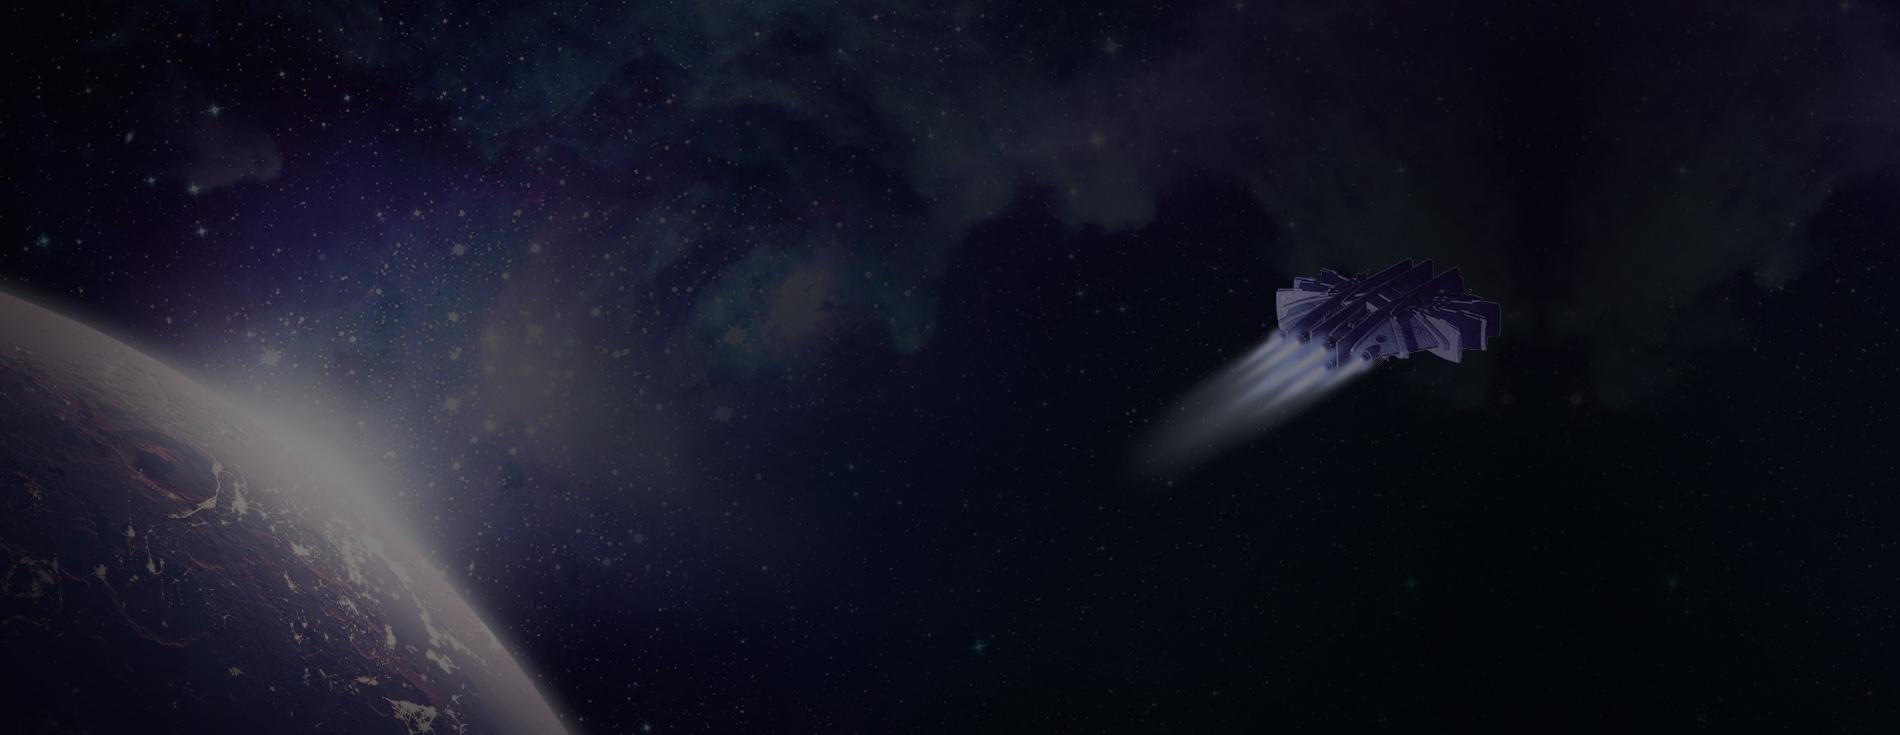 Valerian Intergalactic Mission